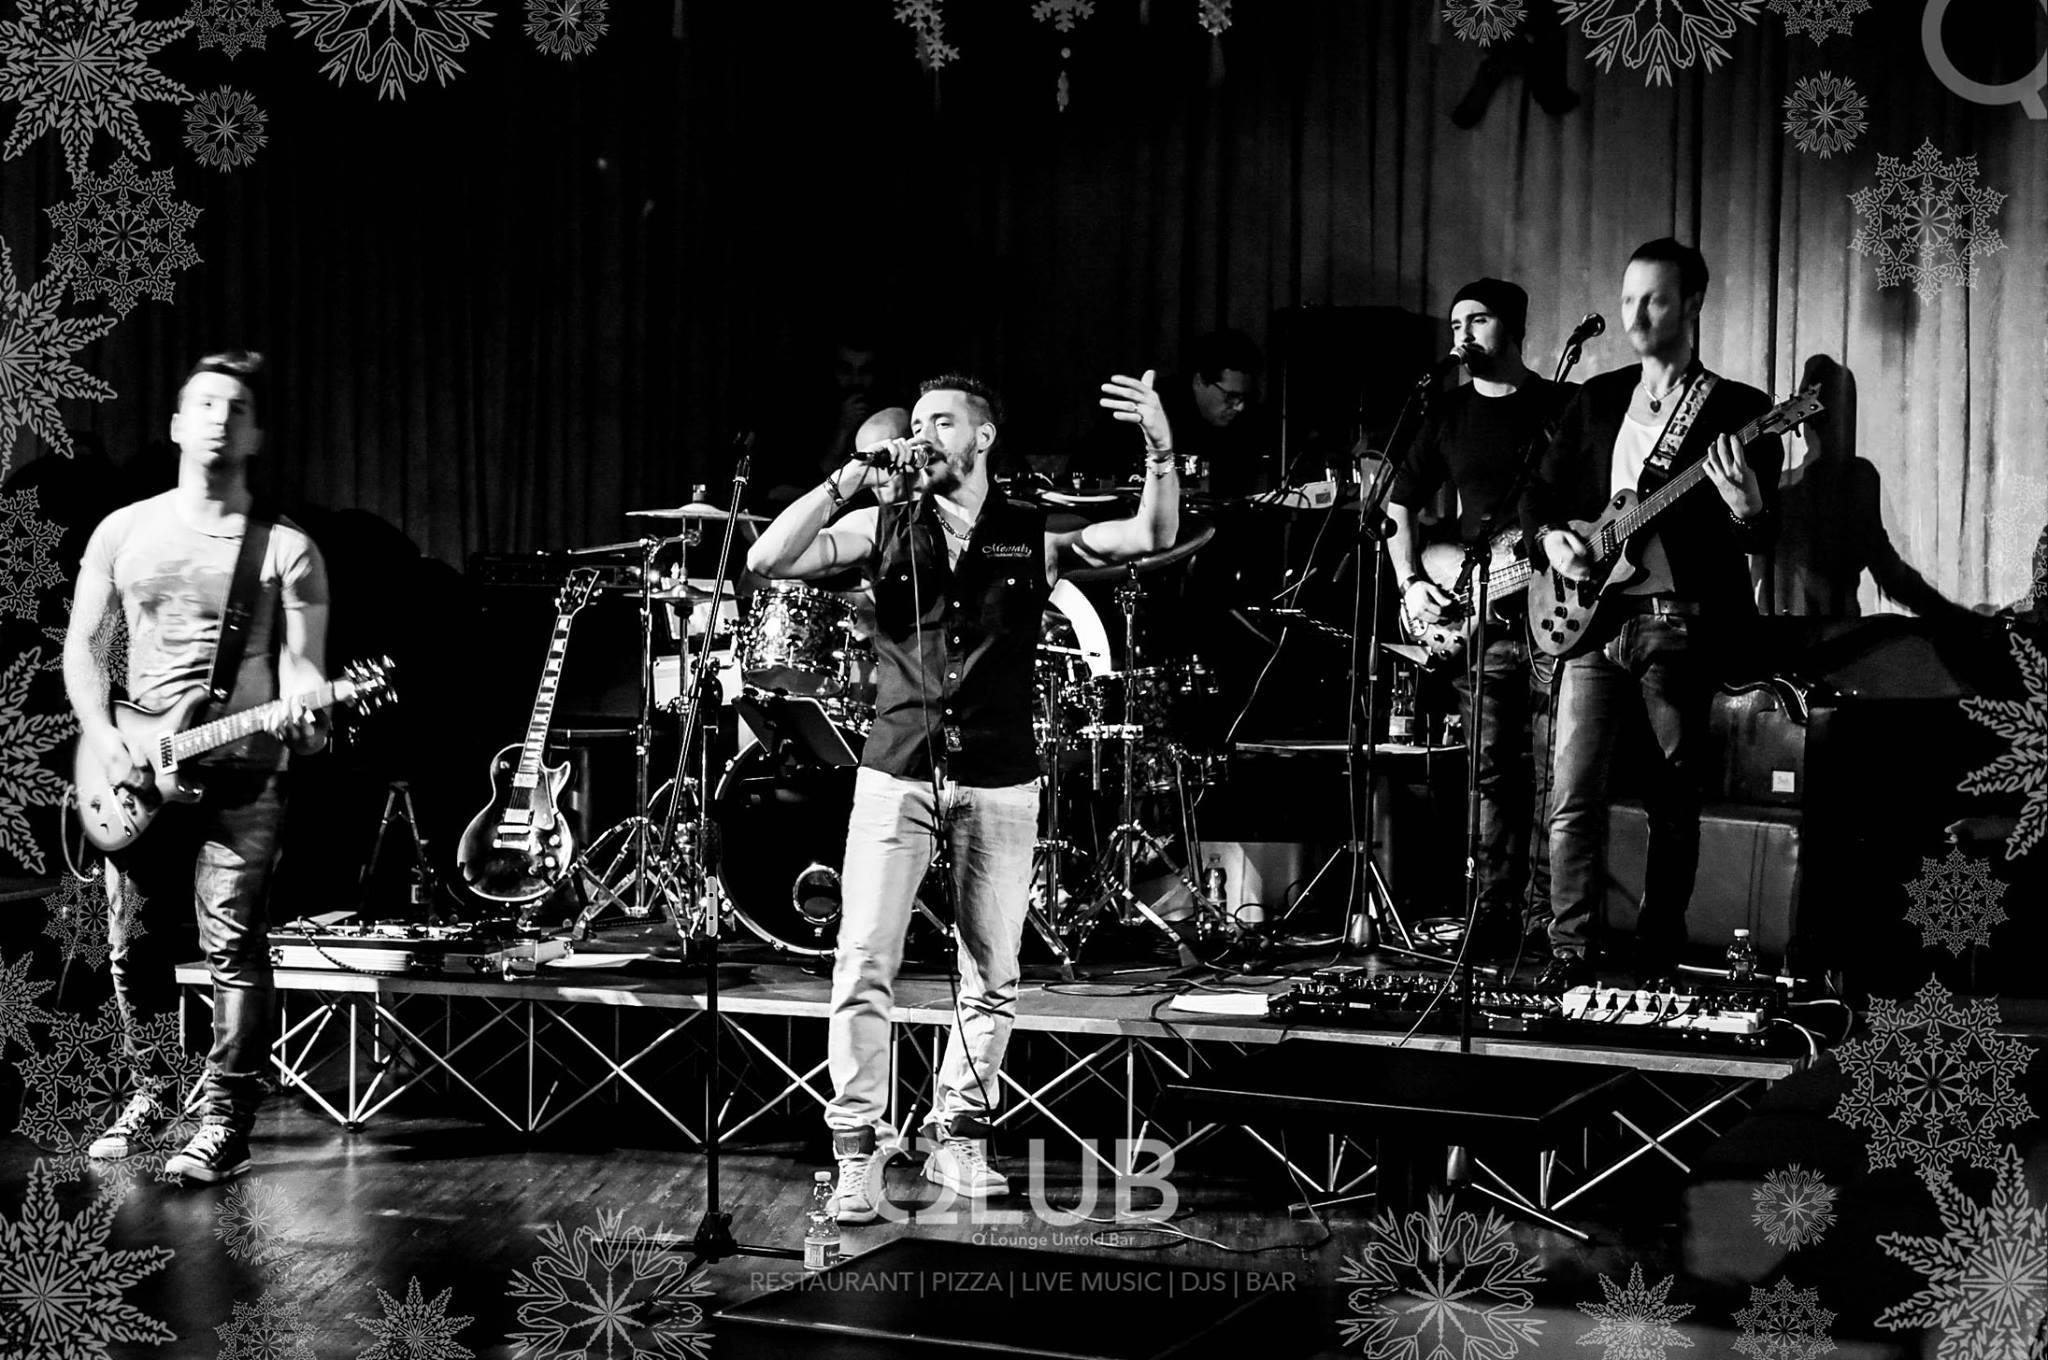 tribute_band_ifiglidiuncane_bergamo_foto